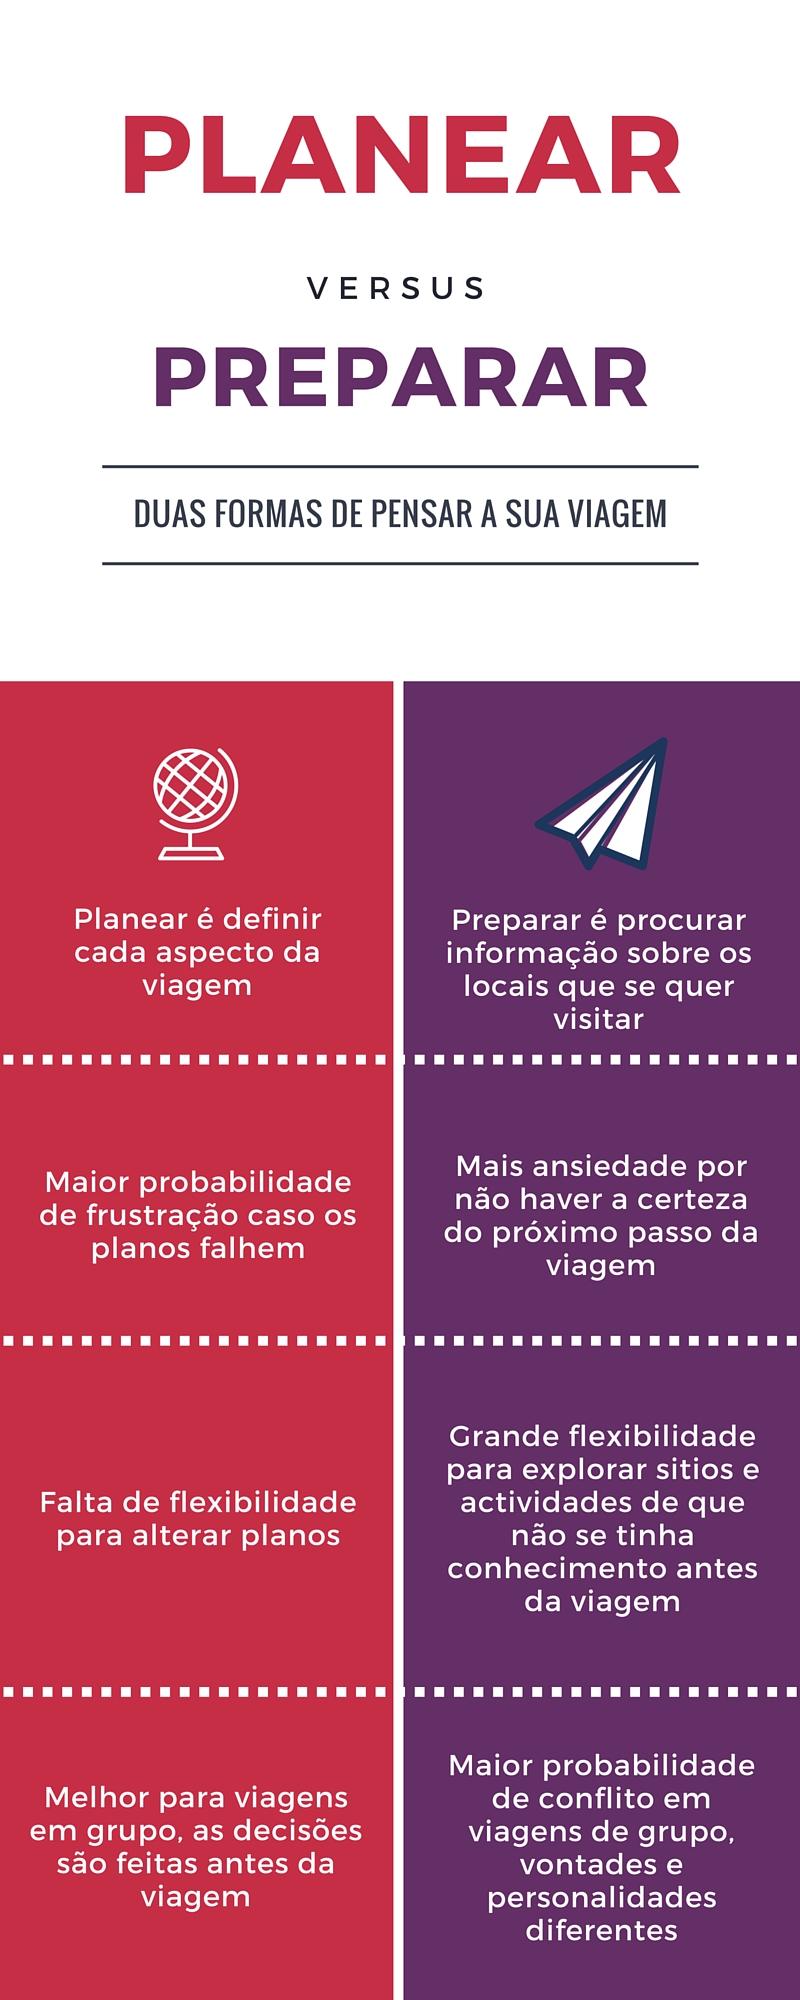 Planear vs Preparar